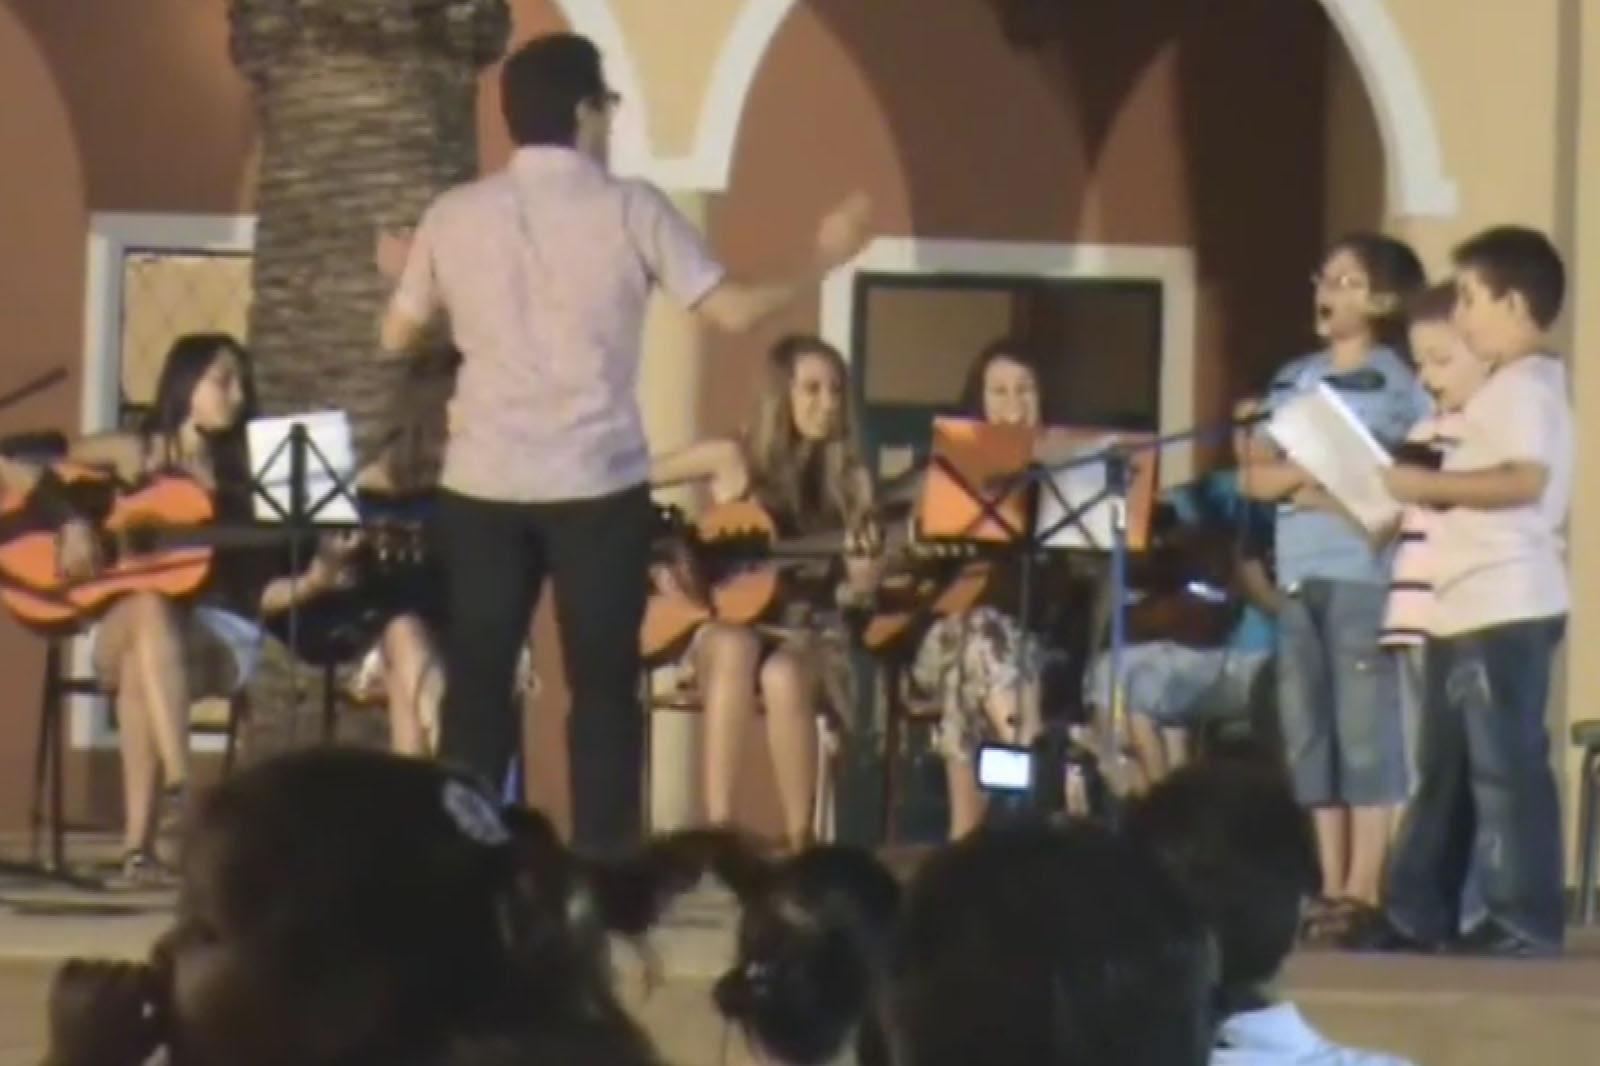 Μουσικοχορευτική εκδήλωση Μουσικών Τμημάτων Πολιτιστικού Συλλόγου (2011)